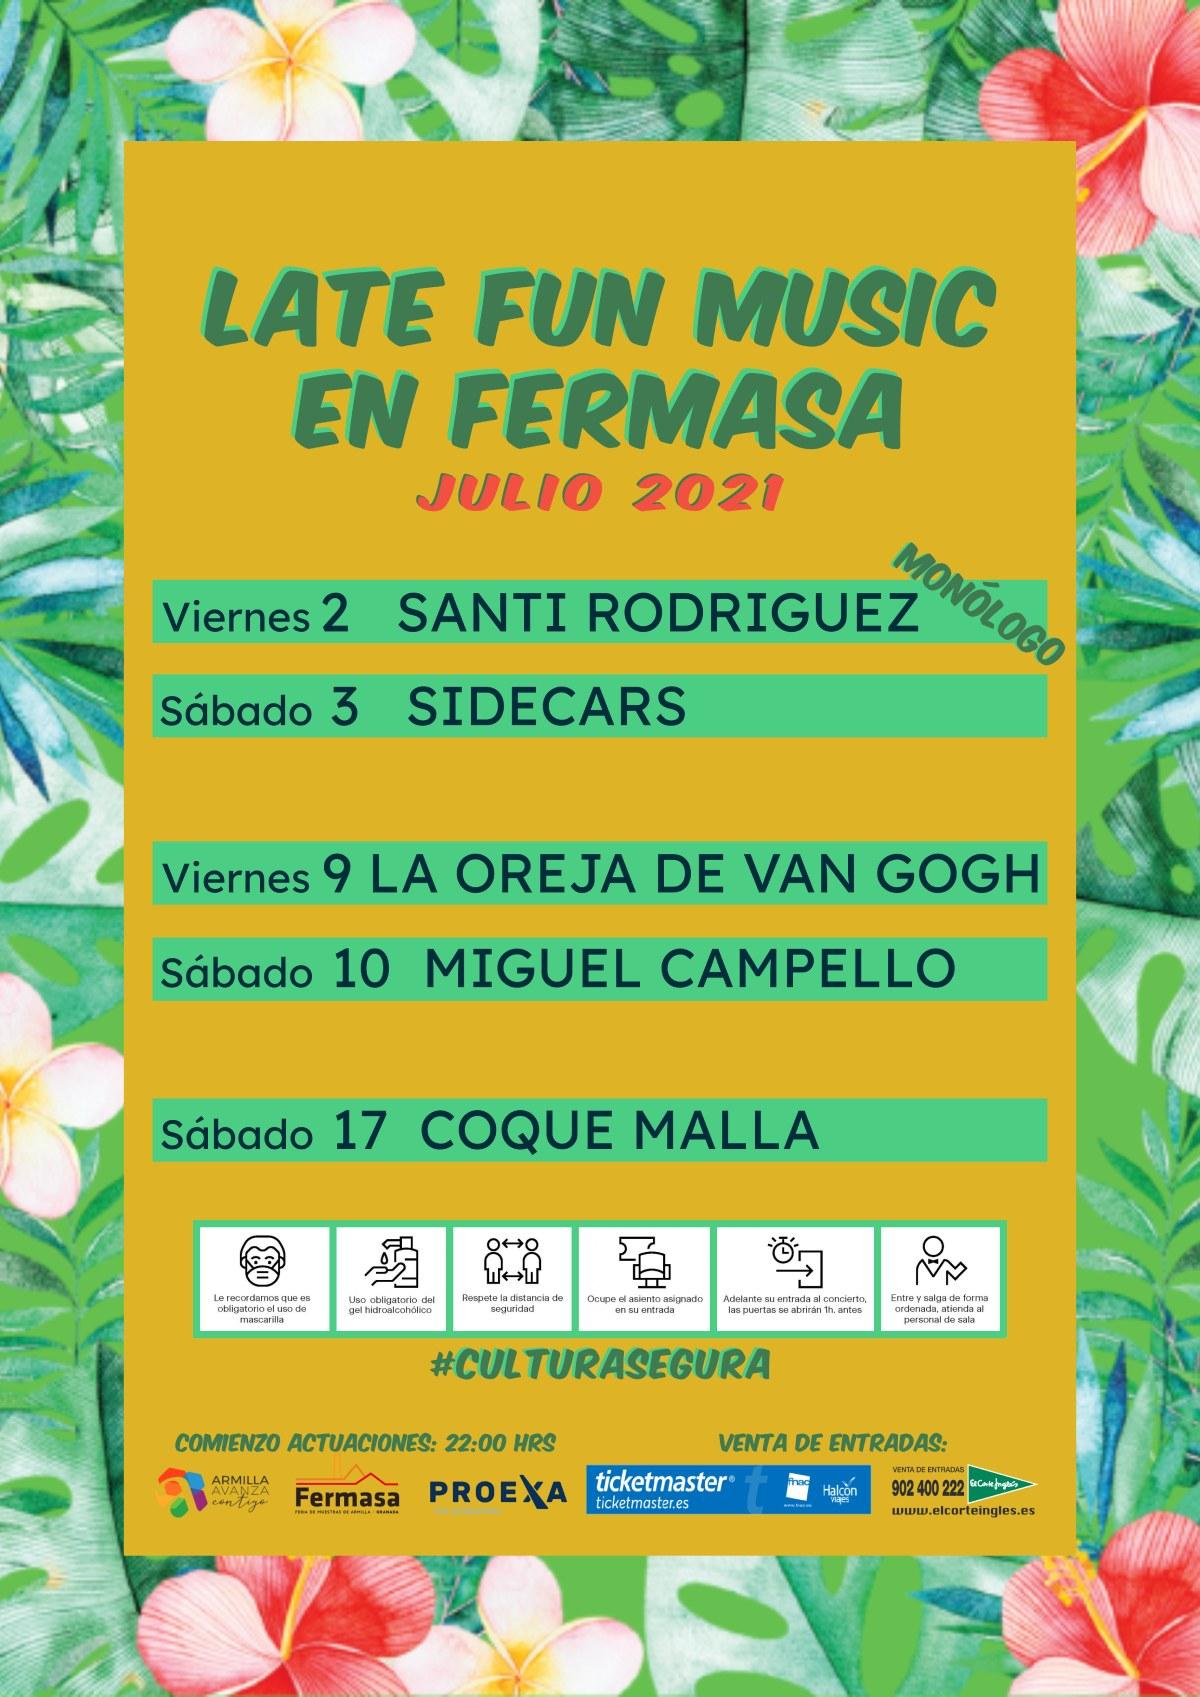 El ciclo 'Late Fun Music» traerá a Fermasa a Sidecars, La Oreja de Van Gogh, Miguel Campello, Coque Malla y Santi Rodríguez